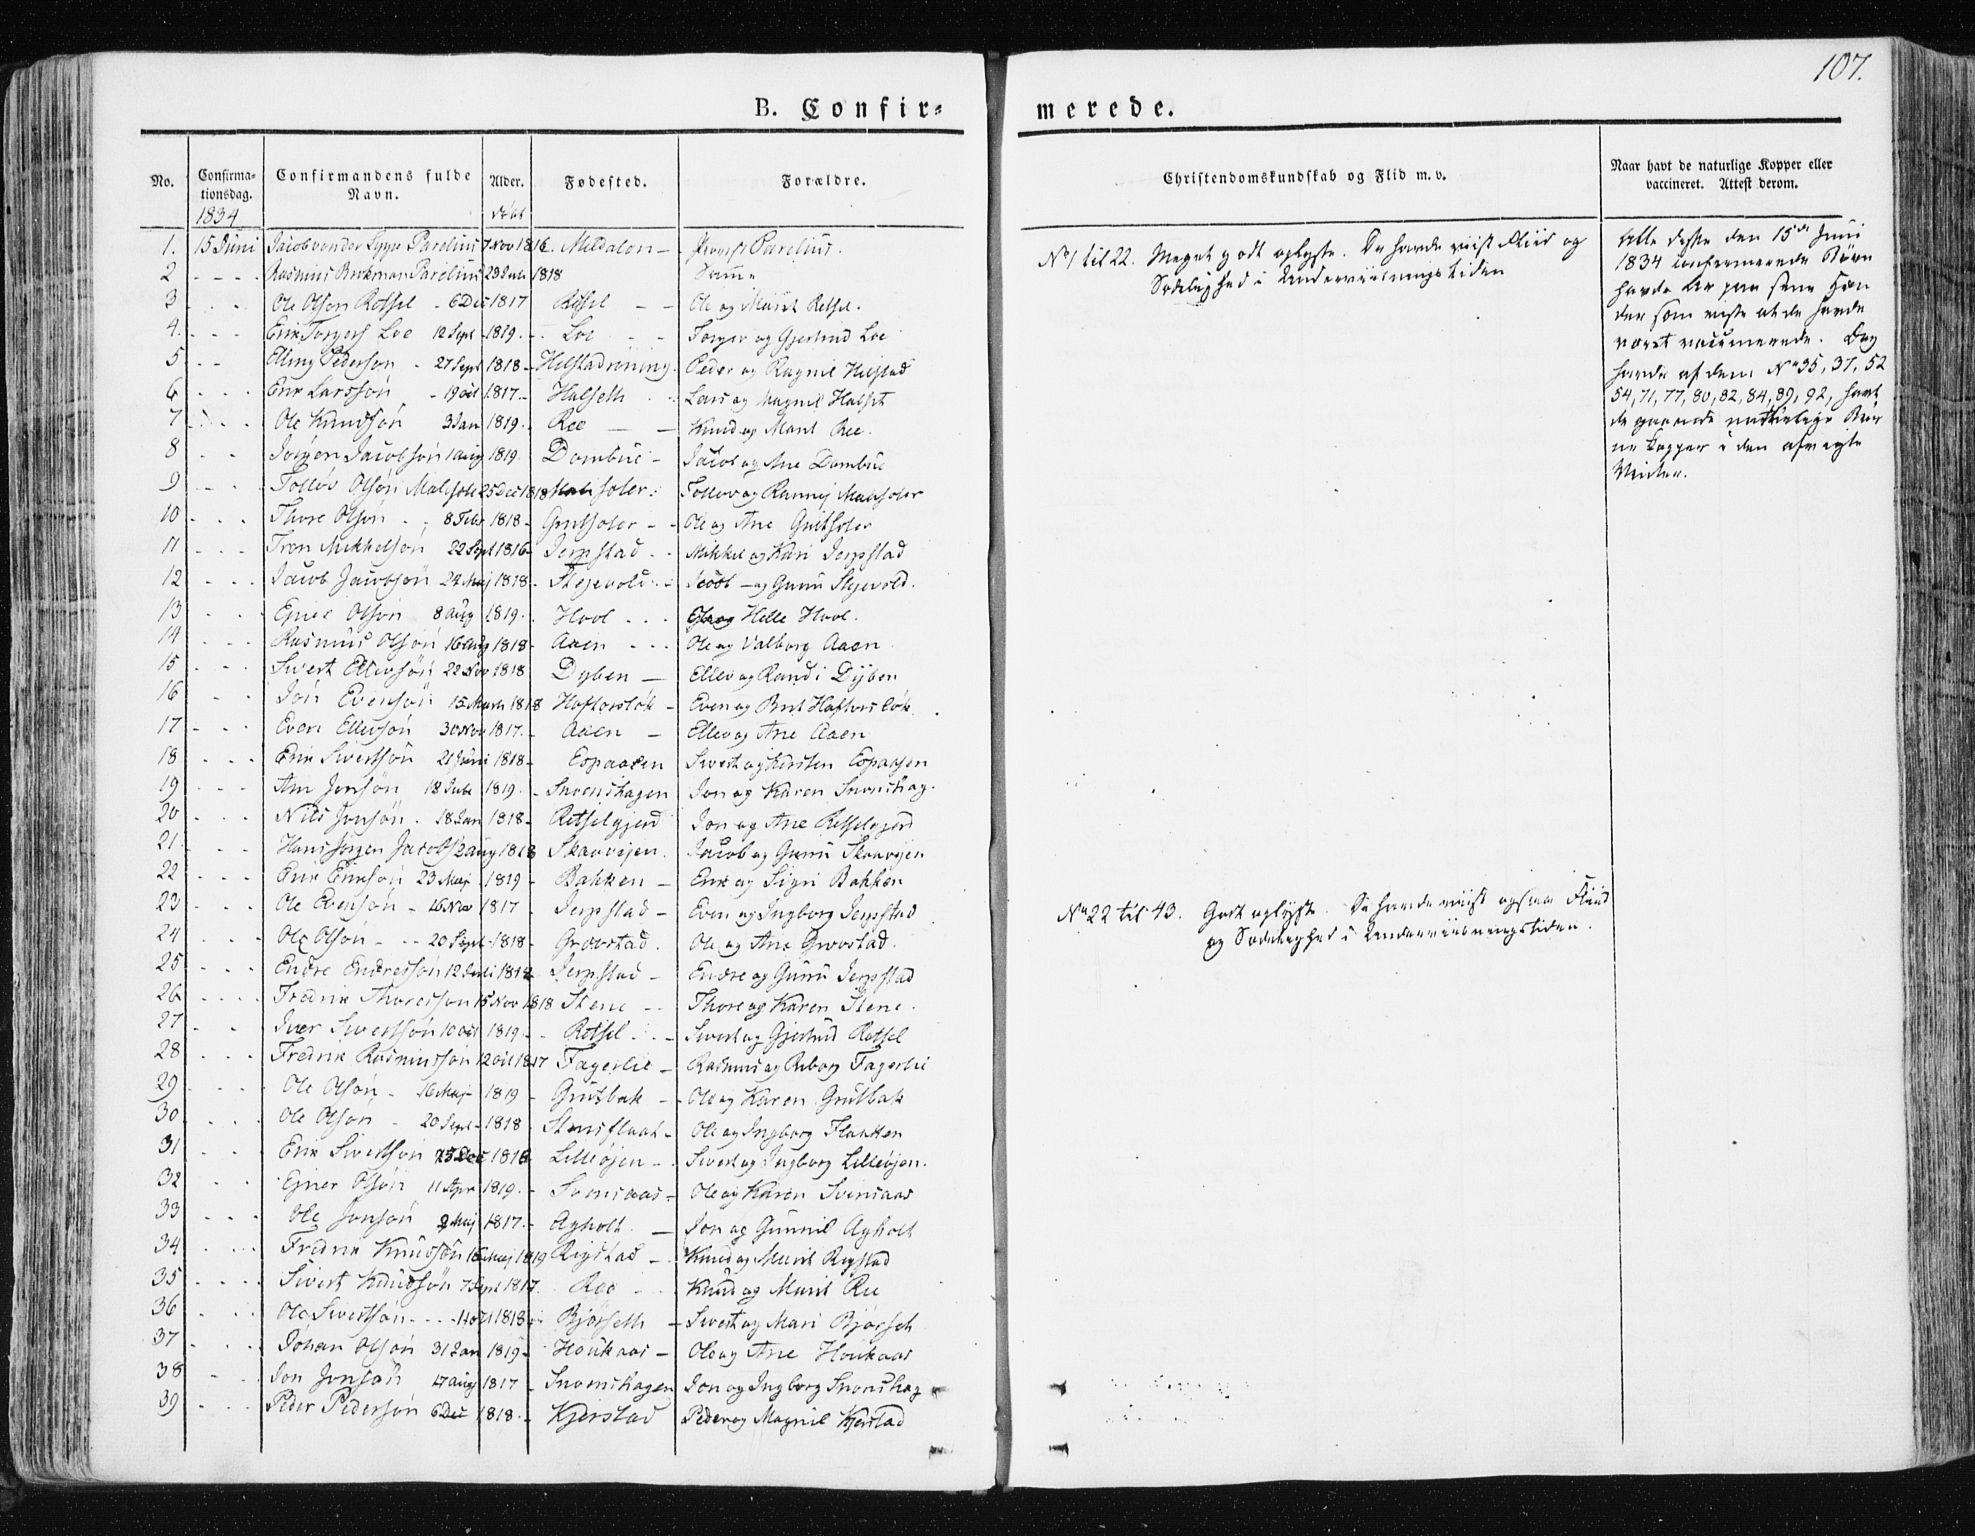 SAT, Ministerialprotokoller, klokkerbøker og fødselsregistre - Sør-Trøndelag, 672/L0855: Ministerialbok nr. 672A07, 1829-1860, s. 107